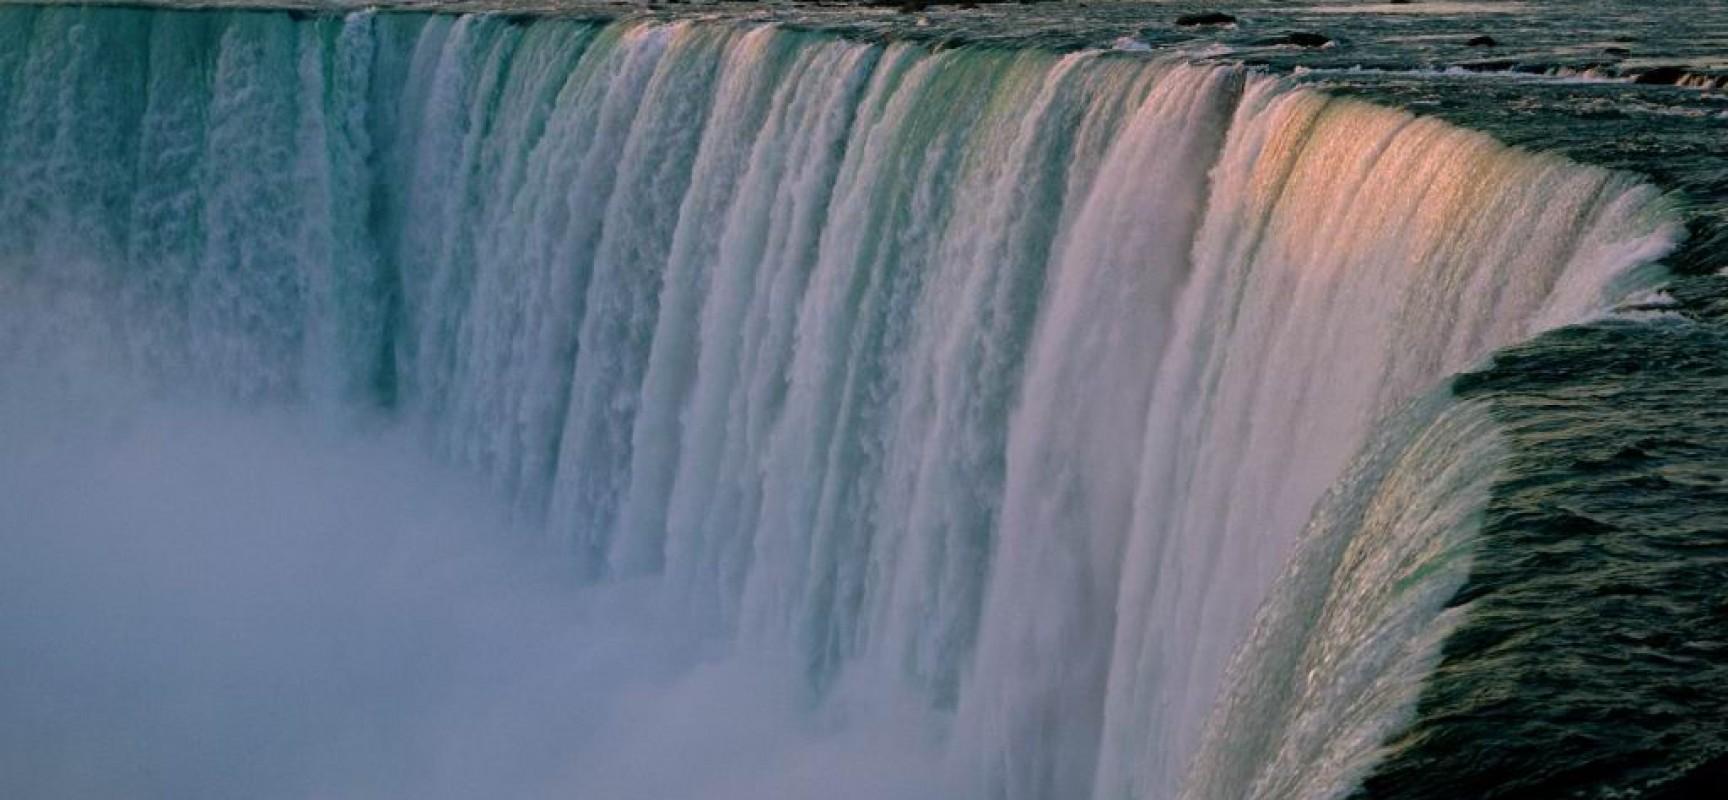 Niagara Falls Beautiful Waterfall In New York Canada